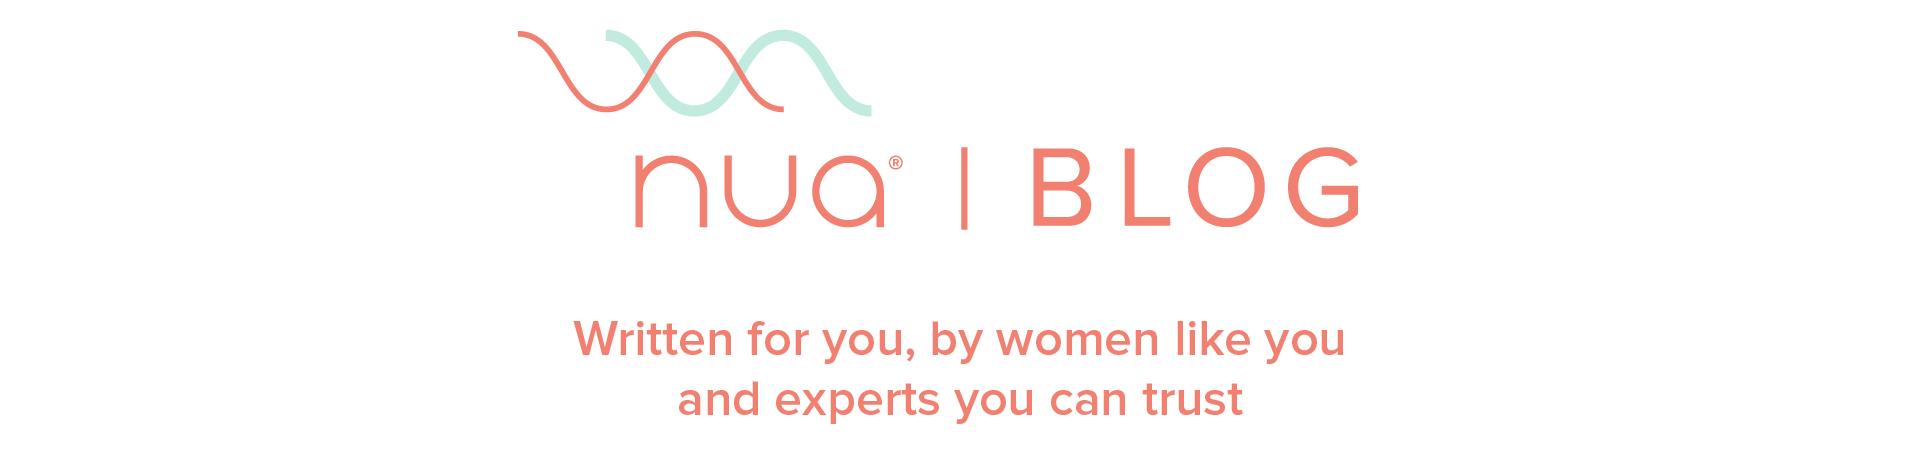 Nua Blog